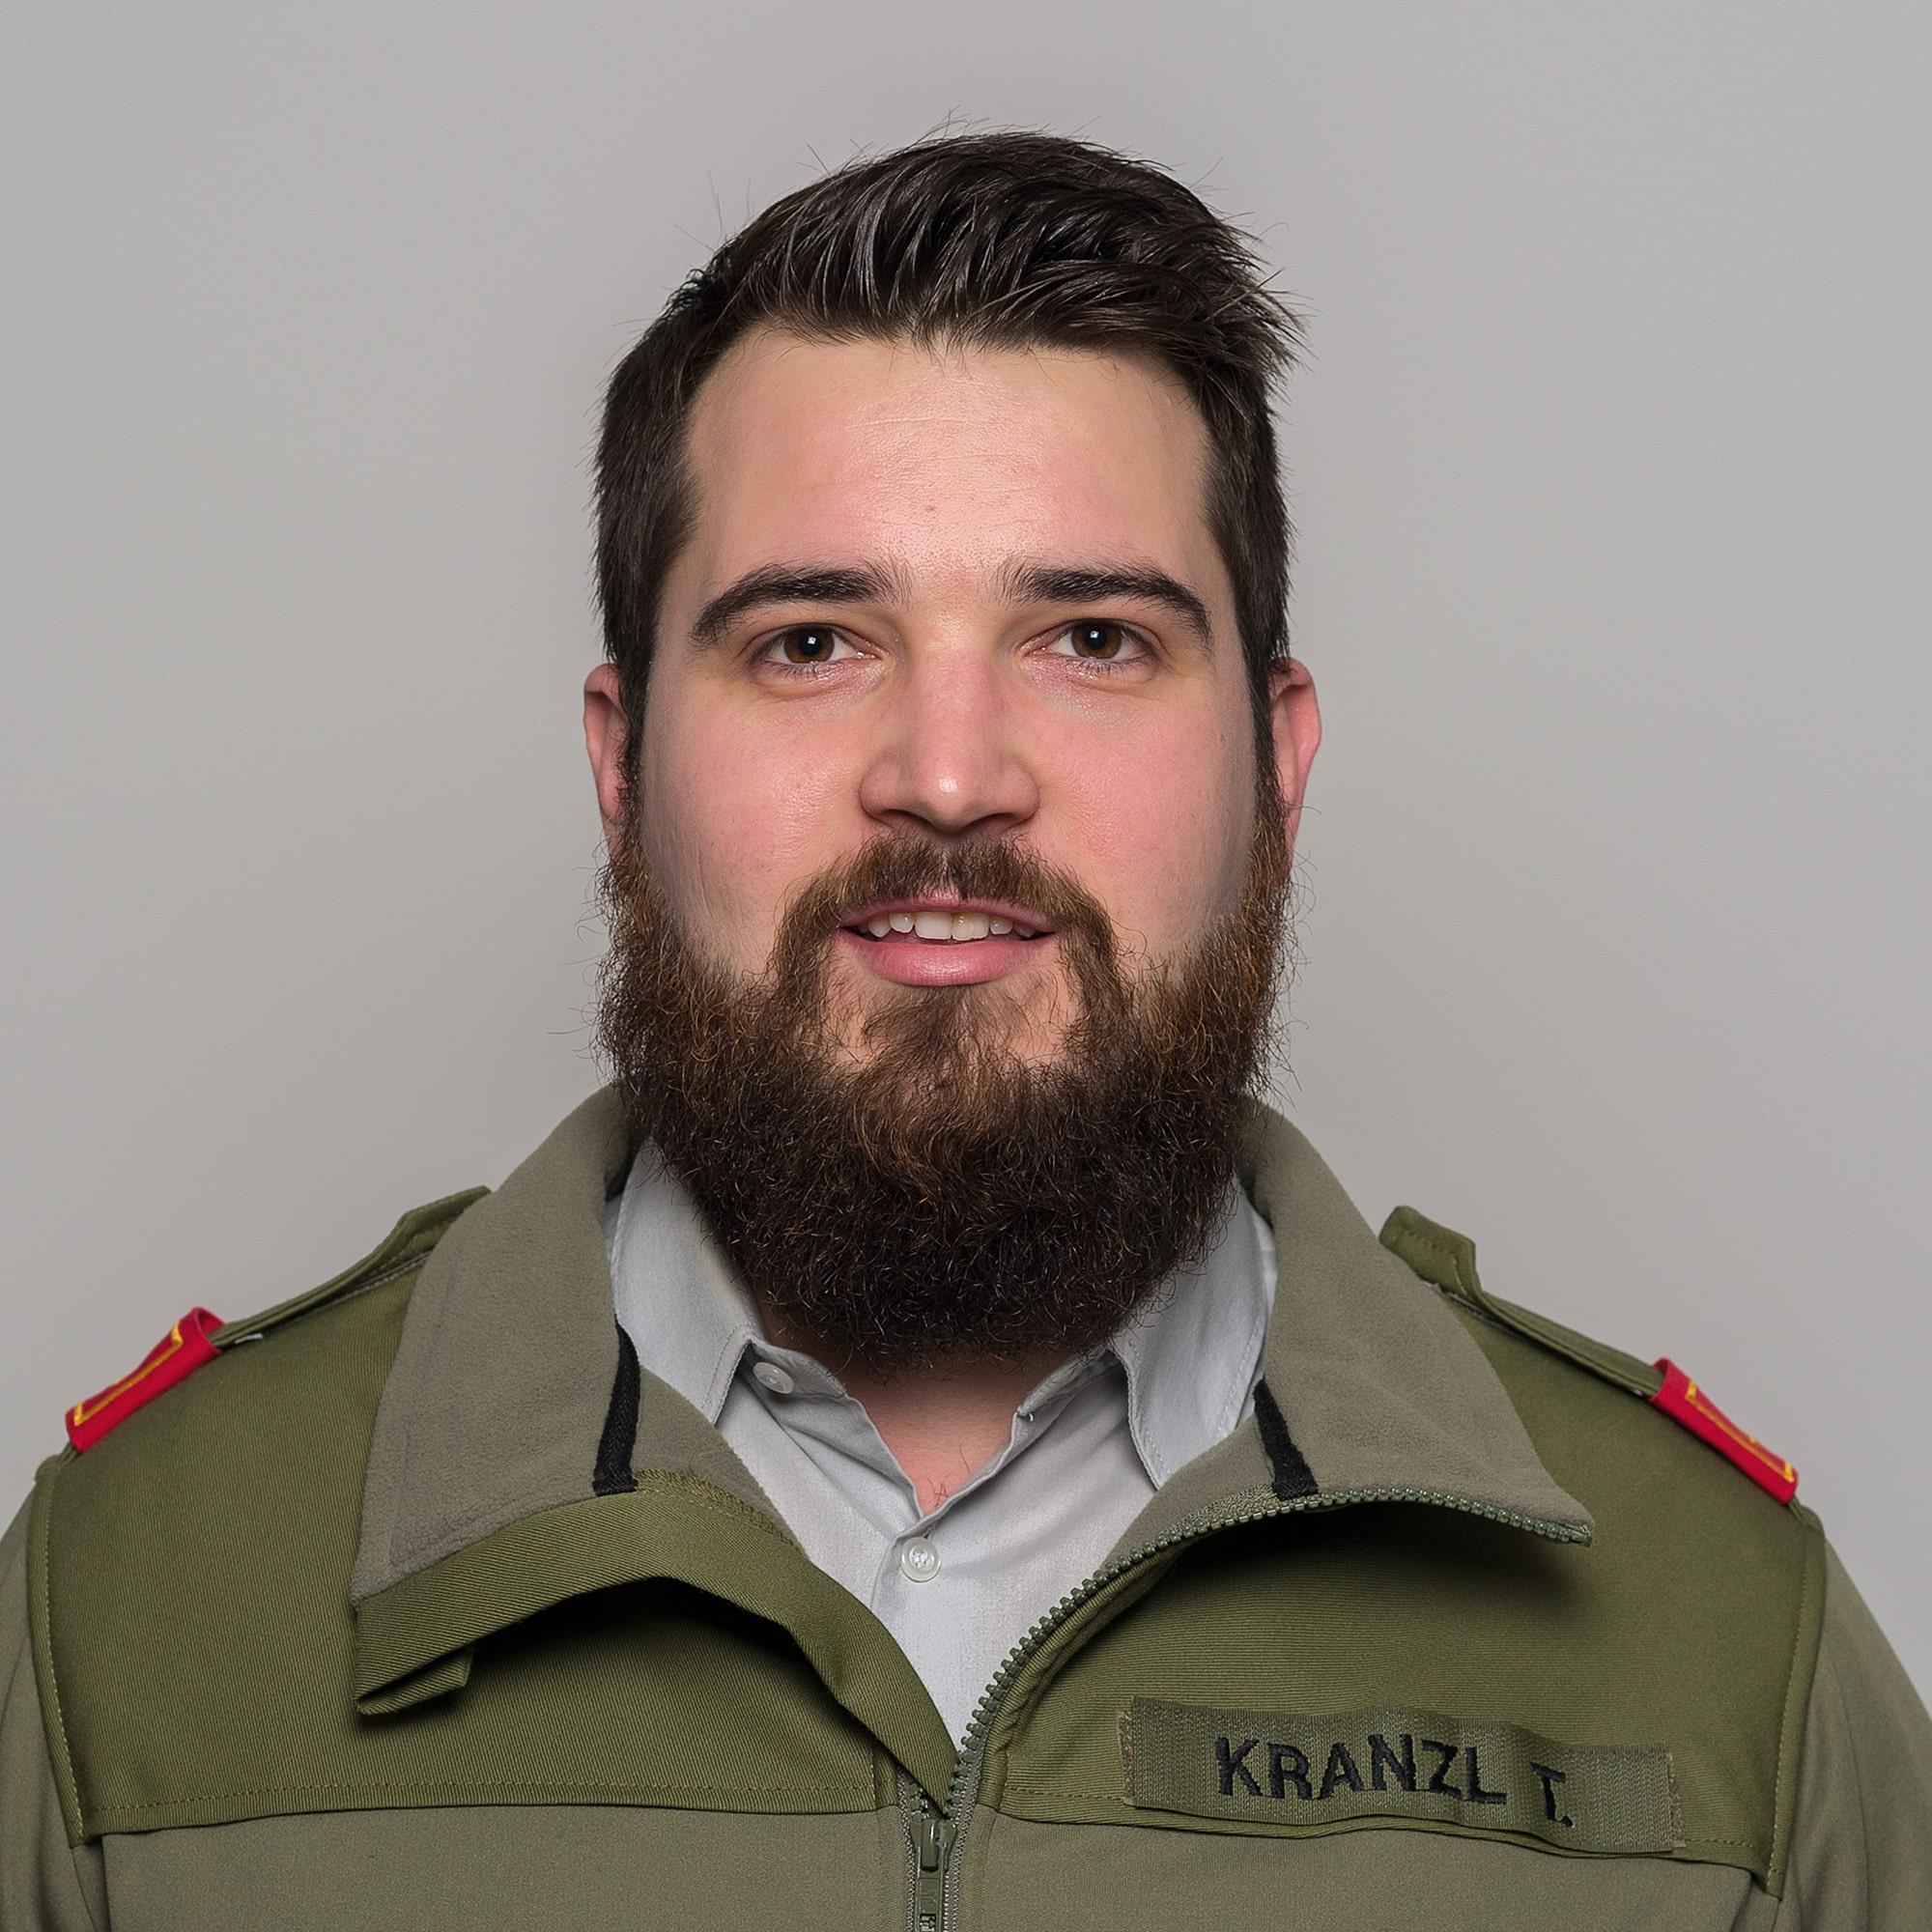 BI Thomas Kranzl